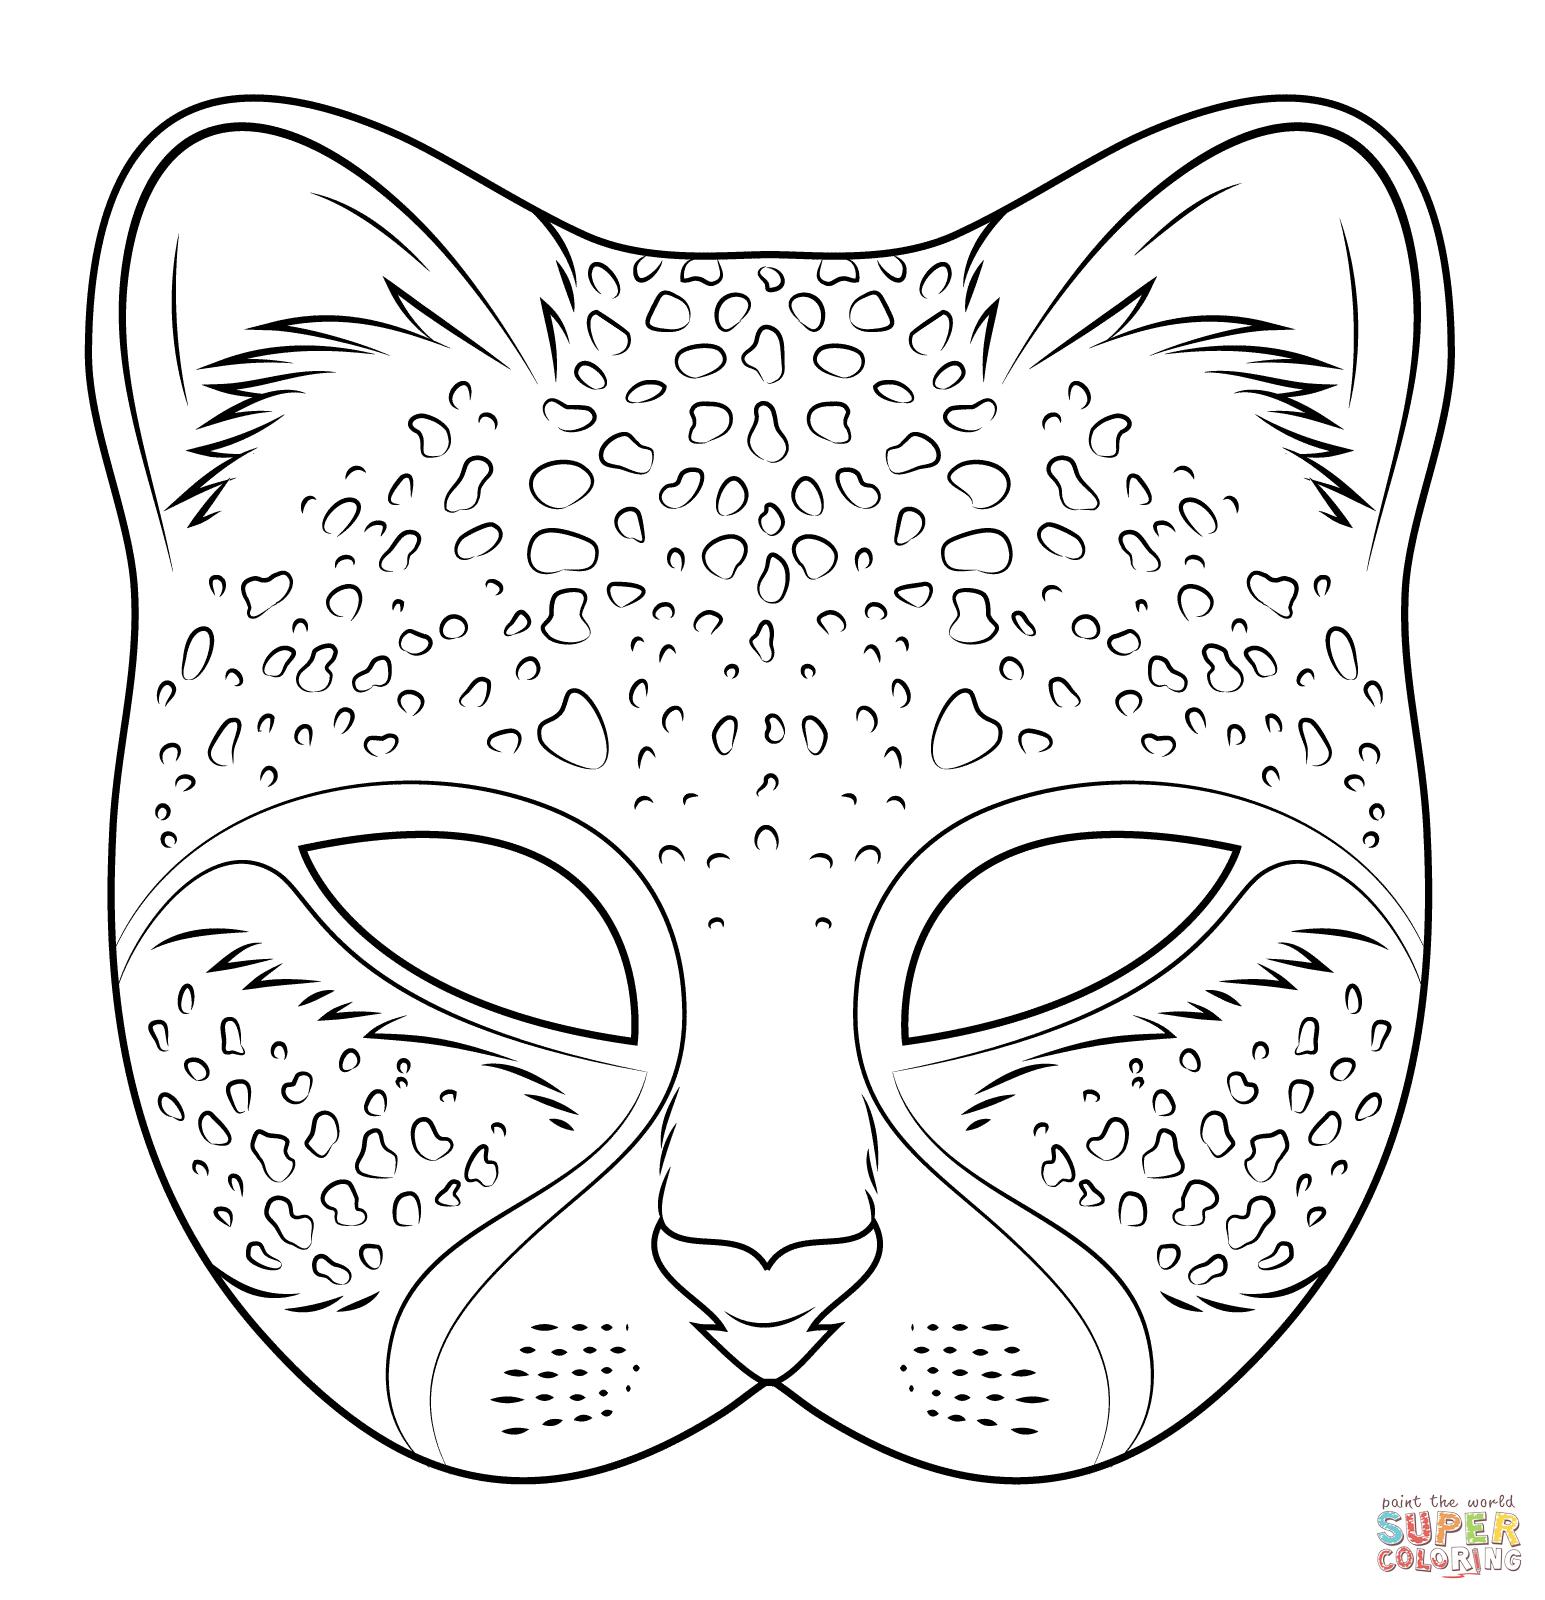 Ausmalbild: Gepard Maske | Ausmalbilder Kostenlos Zum Ausdrucken ganzes Masken Zum Ausdrucken